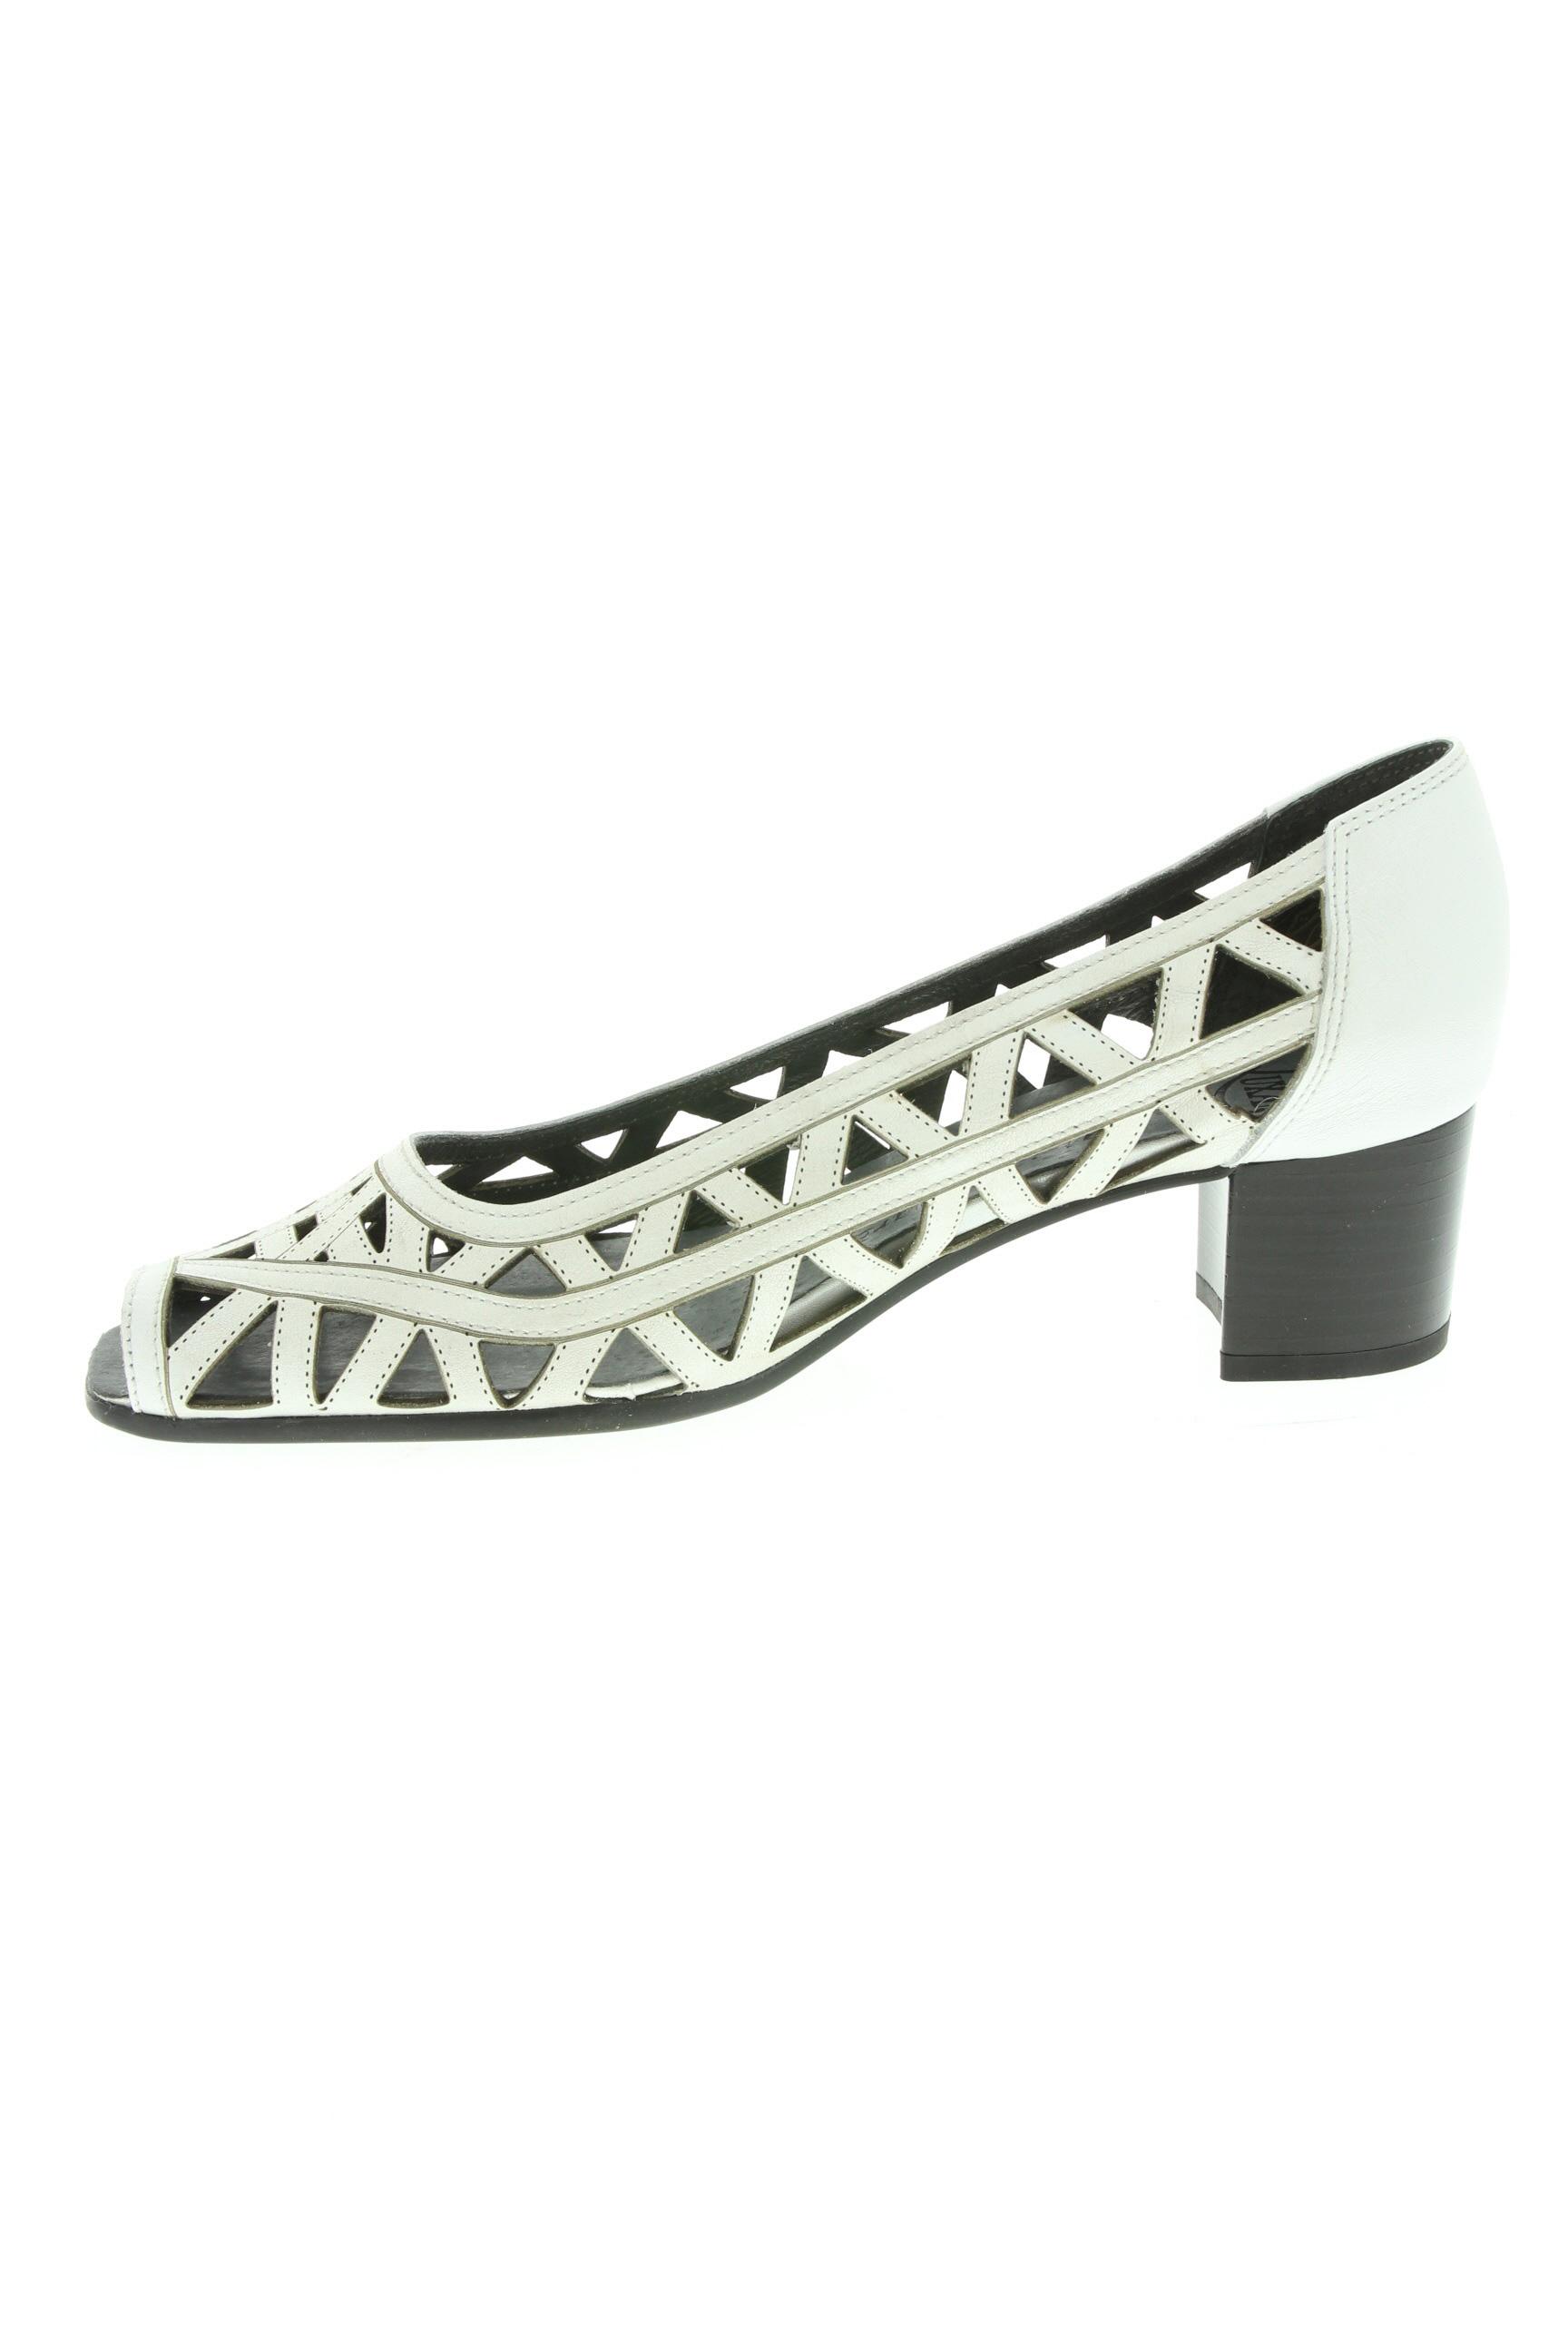 Luxat Escarpins Femme De Couleur Blanc En Soldes Pas Cher 1331768-blanc0